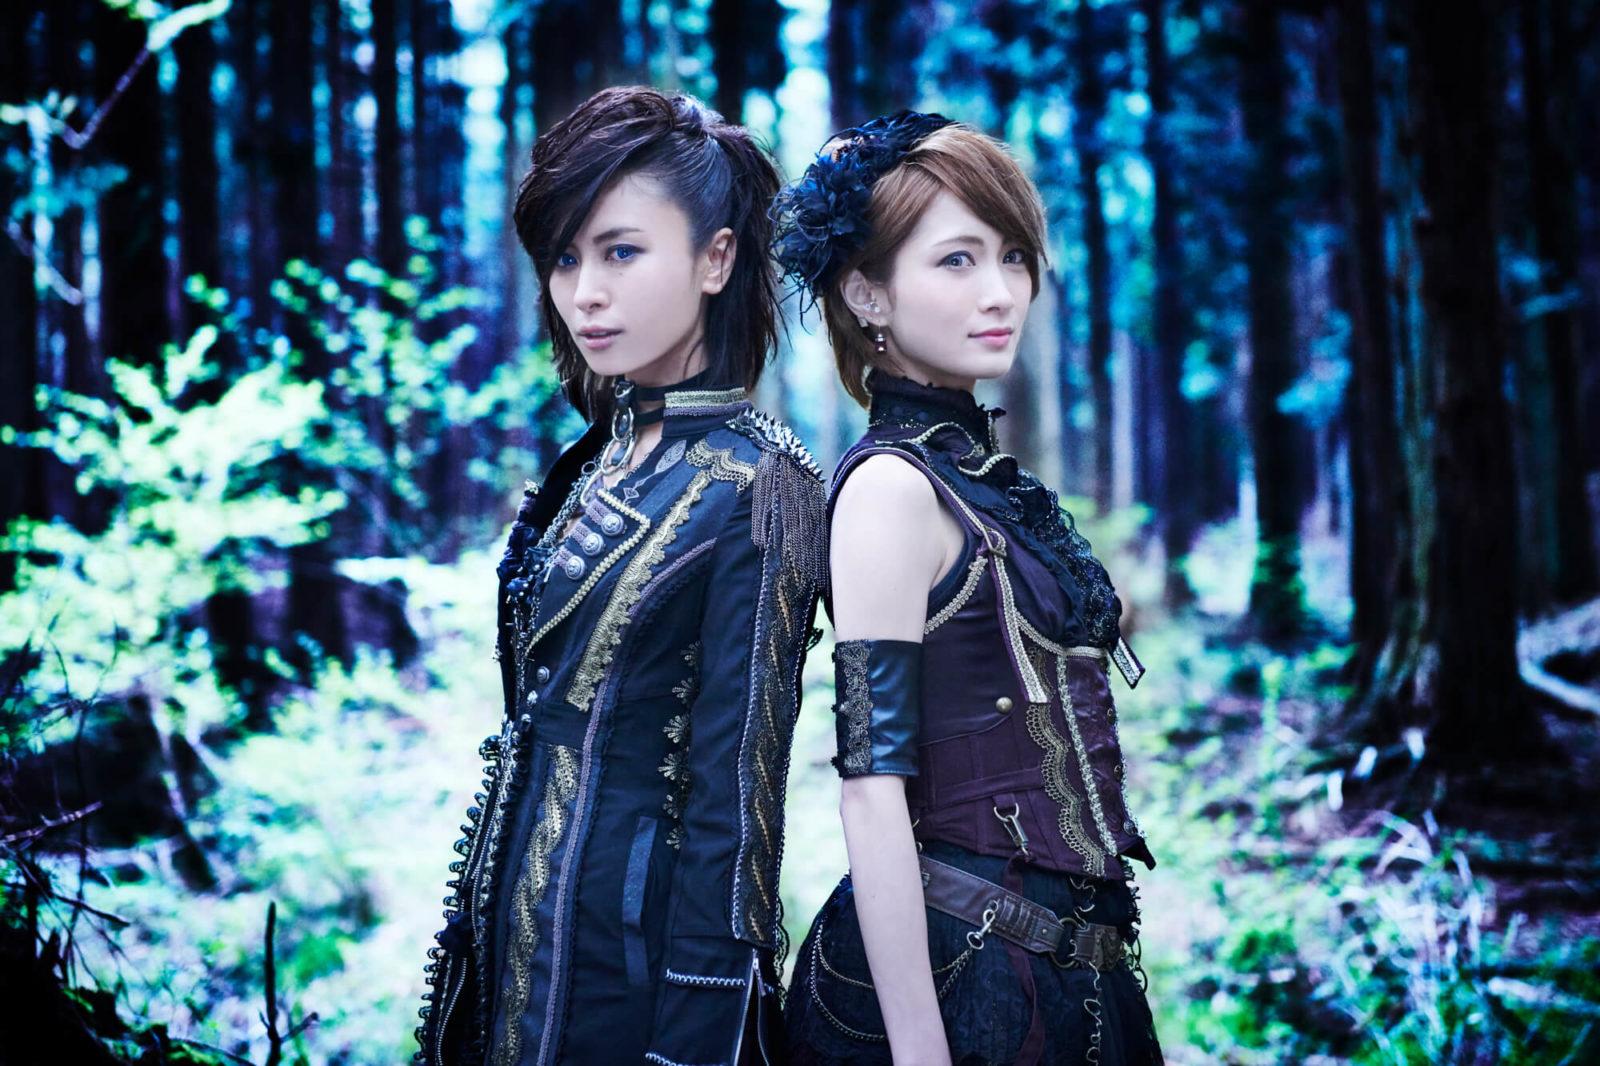 イケメン男装モデルAKIRAとロックバイオリニストAyasaのスペシャルユニット・+Aに聞く「沢山ライブがしたいです」サムネイル画像